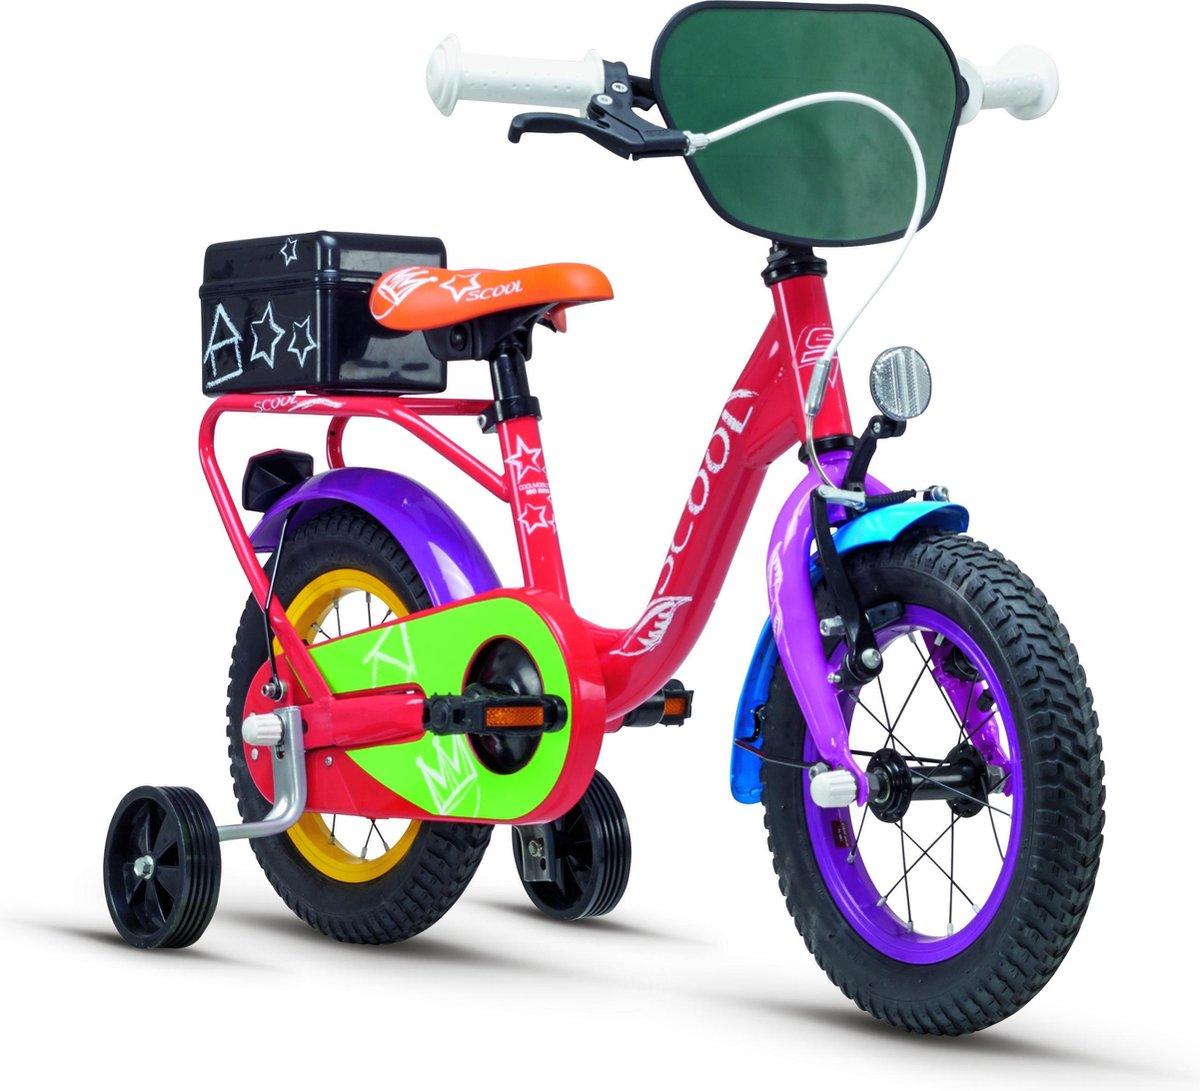 S'cool Kinderfiets 12 inch  niXe chalk steel 12 red coloured online kopen